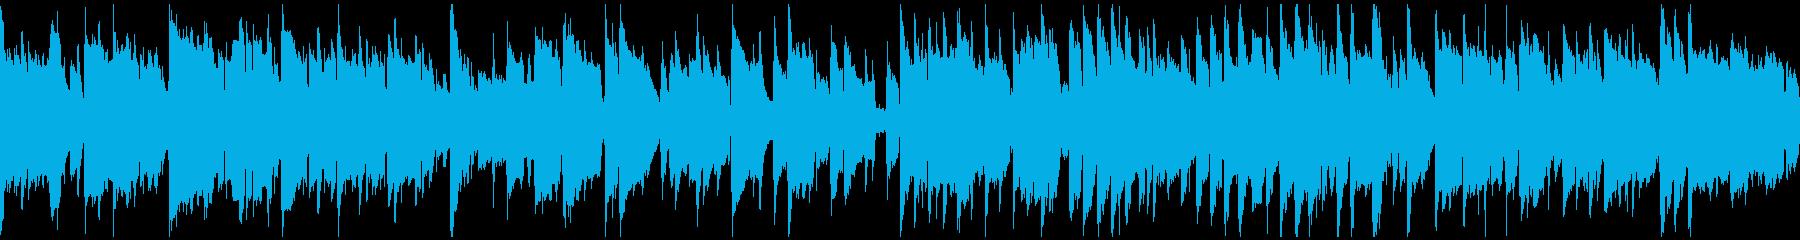 ノスタルジックなリコーダー ※ループ版の再生済みの波形